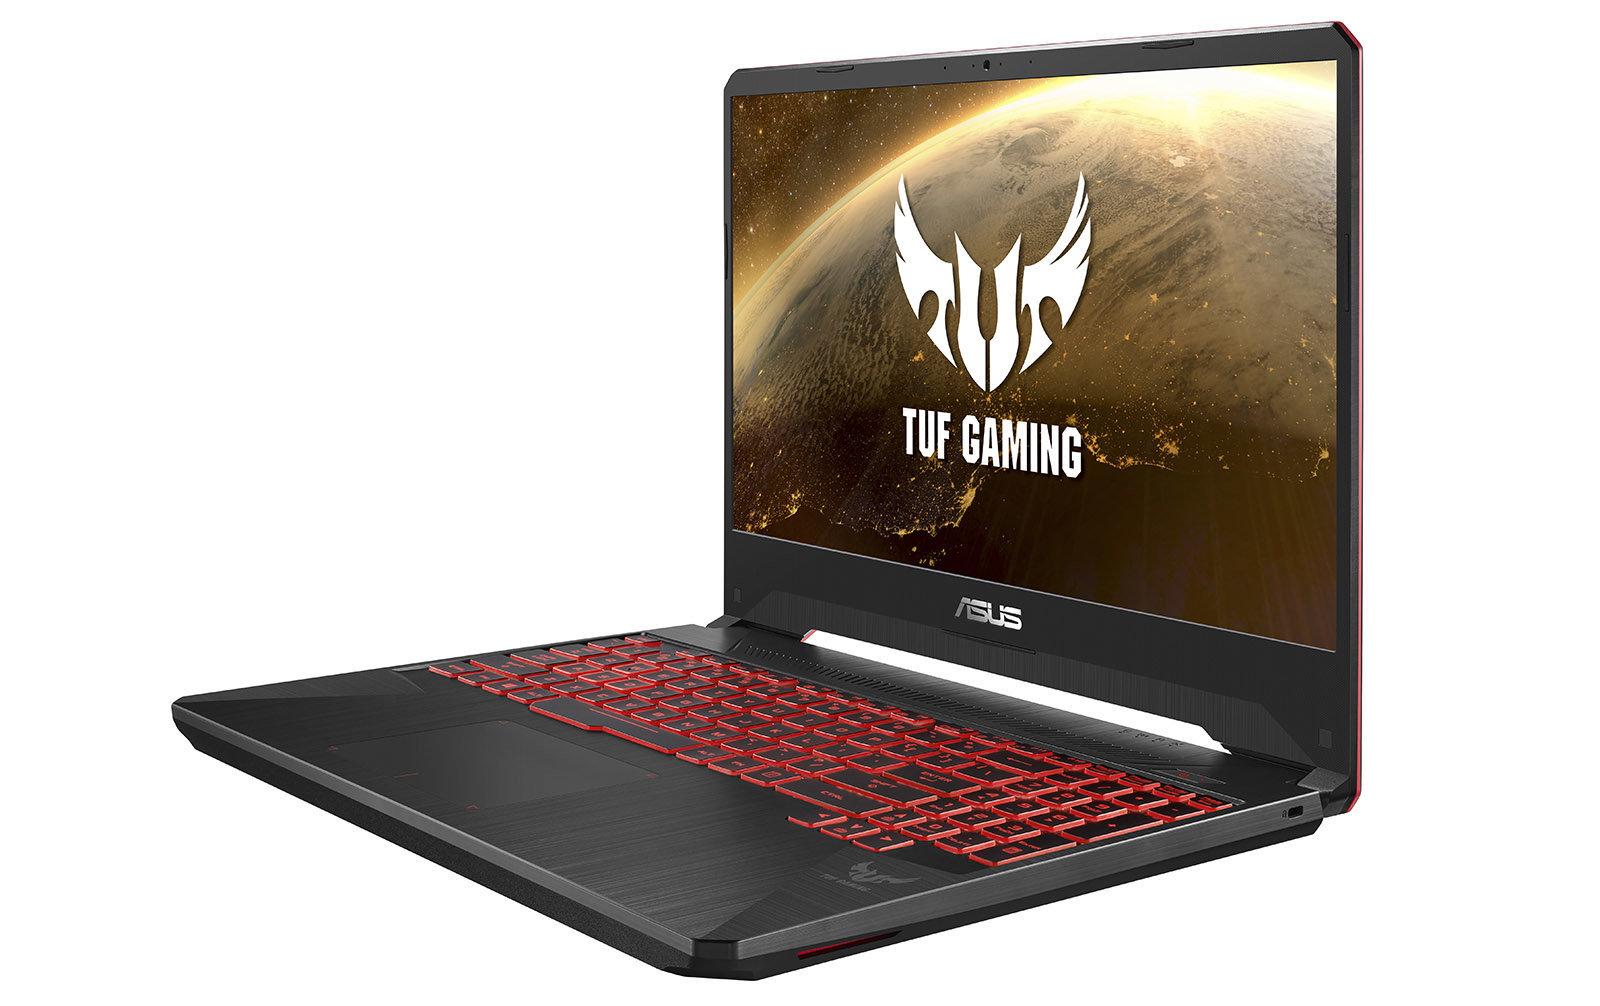 Asus Tuf Gaming Fx505dy Características Especificaciones Y Precios Geektopia